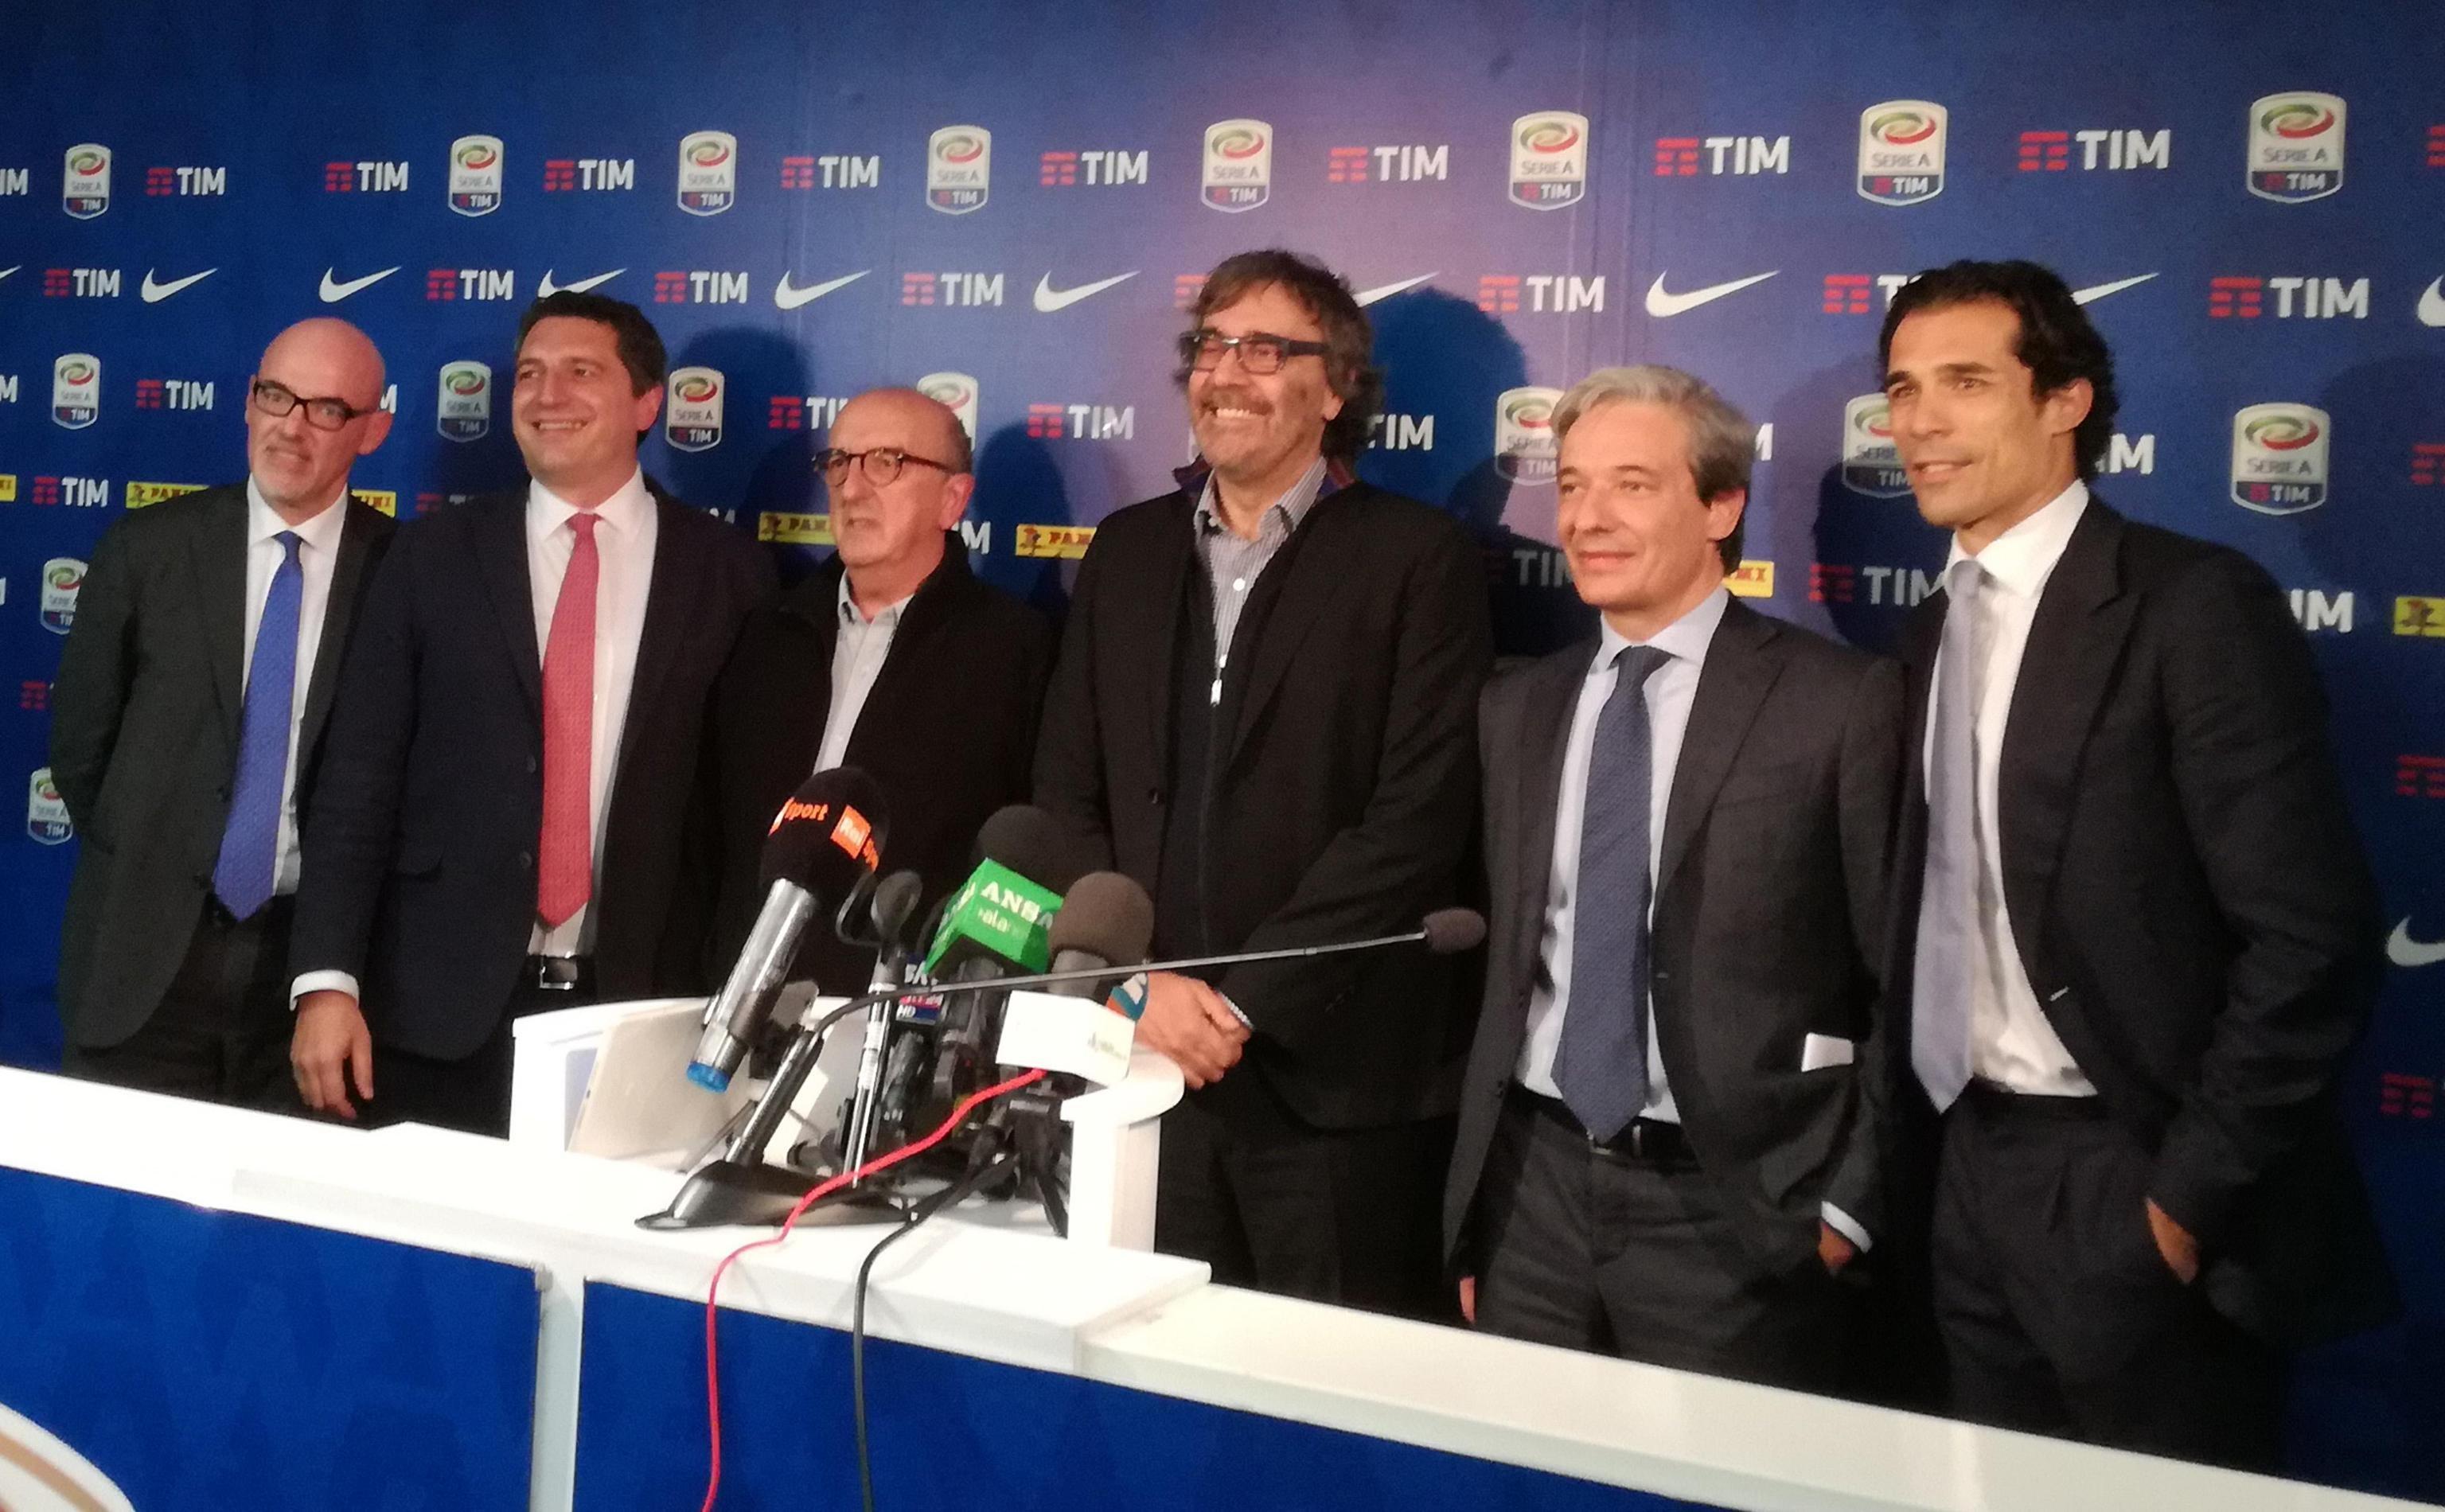 Diritti Tv Serie A 2018 - 2021, la lettera di MediaPro con volontà di rispettare il contratto